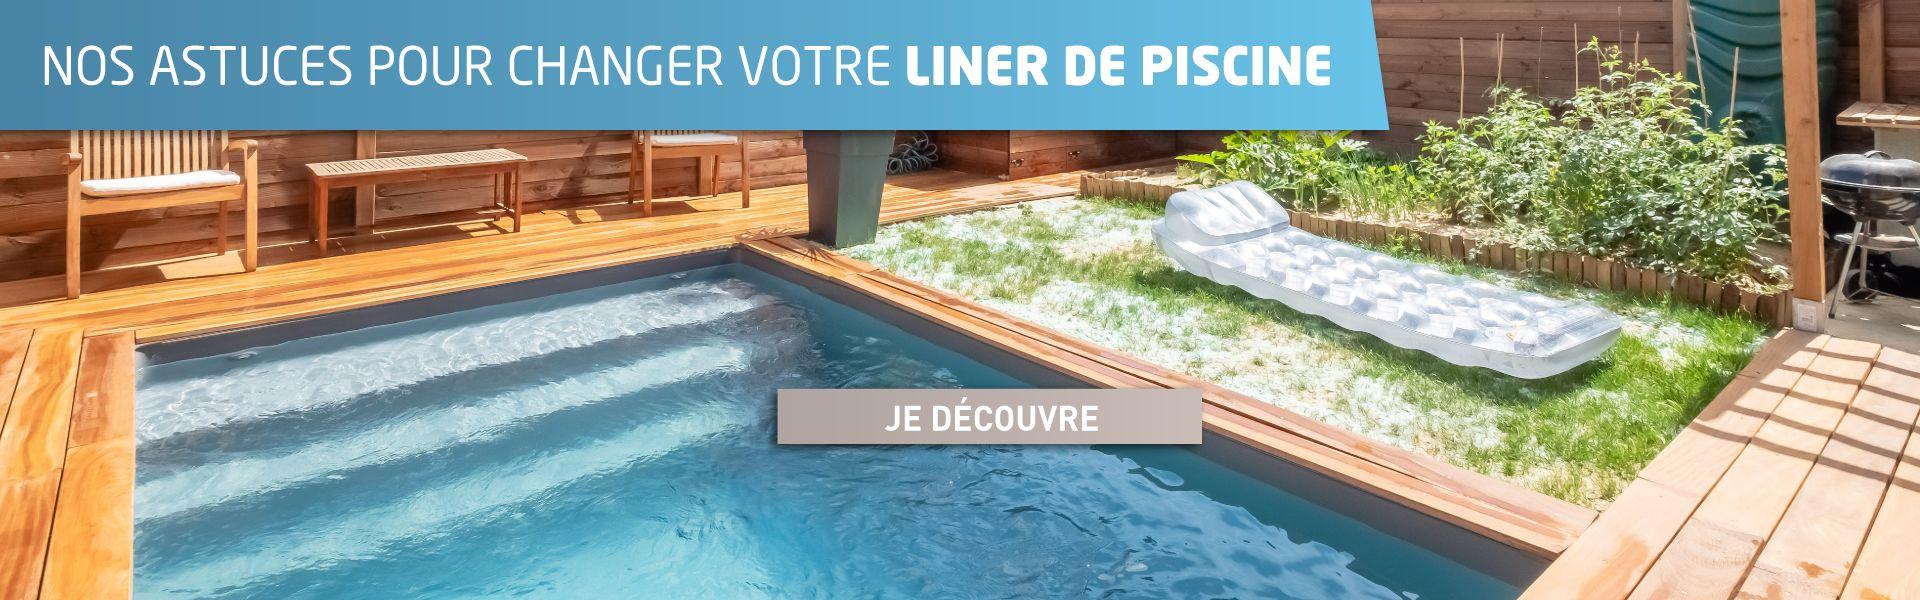 Cash Piscines - Tout Pour La Piscine & Spas Gonflables ... à Cash Piscine Dijon